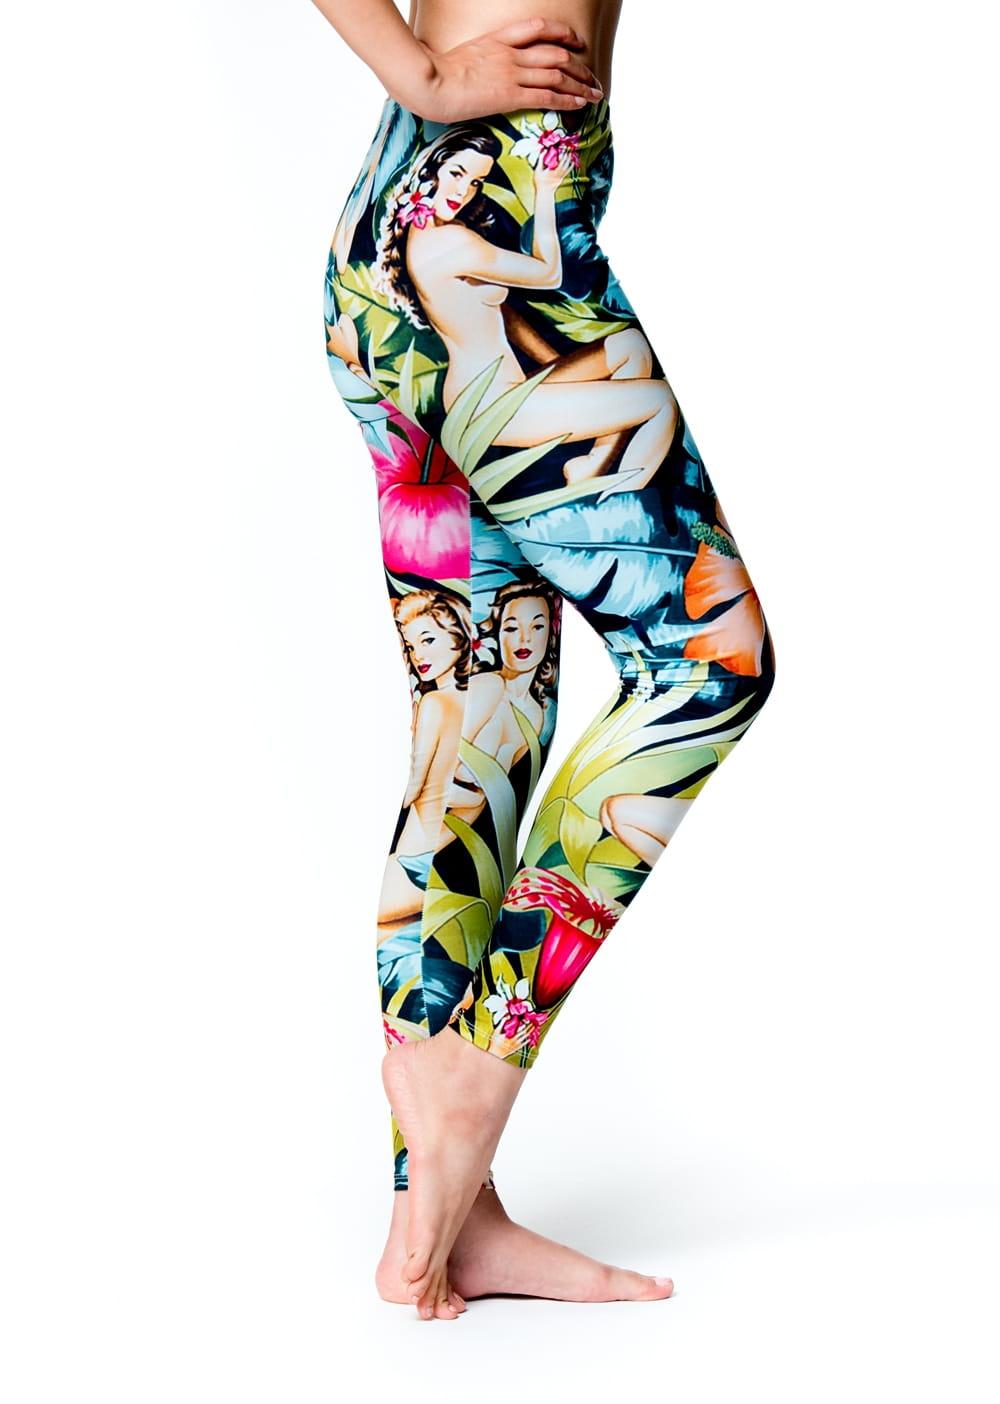 フルグラフィック美脚ヨガレギンス サイケデリック&パーティー系 - ハワイアン 4 - 横からの写真です